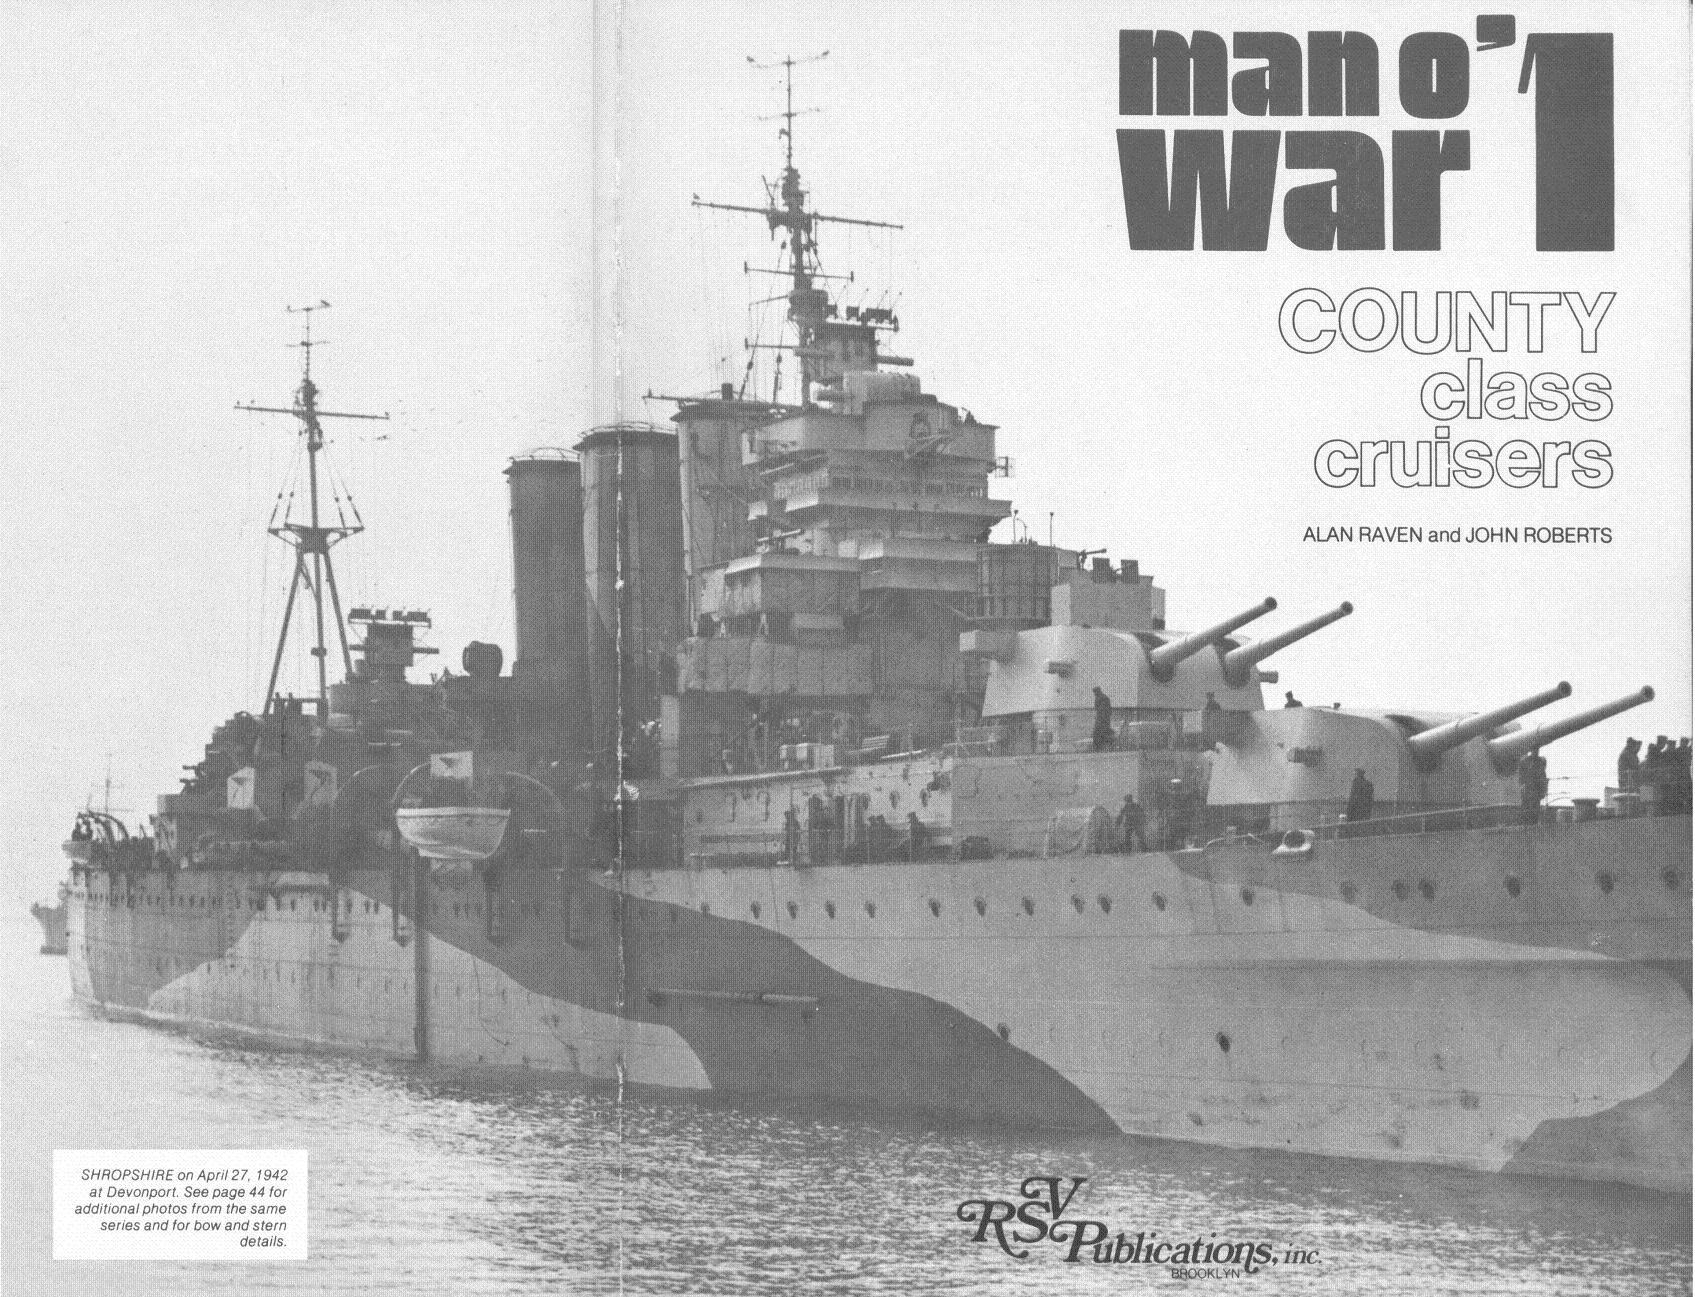 Man-o-War_1_County_Class_Cruisers.jpg